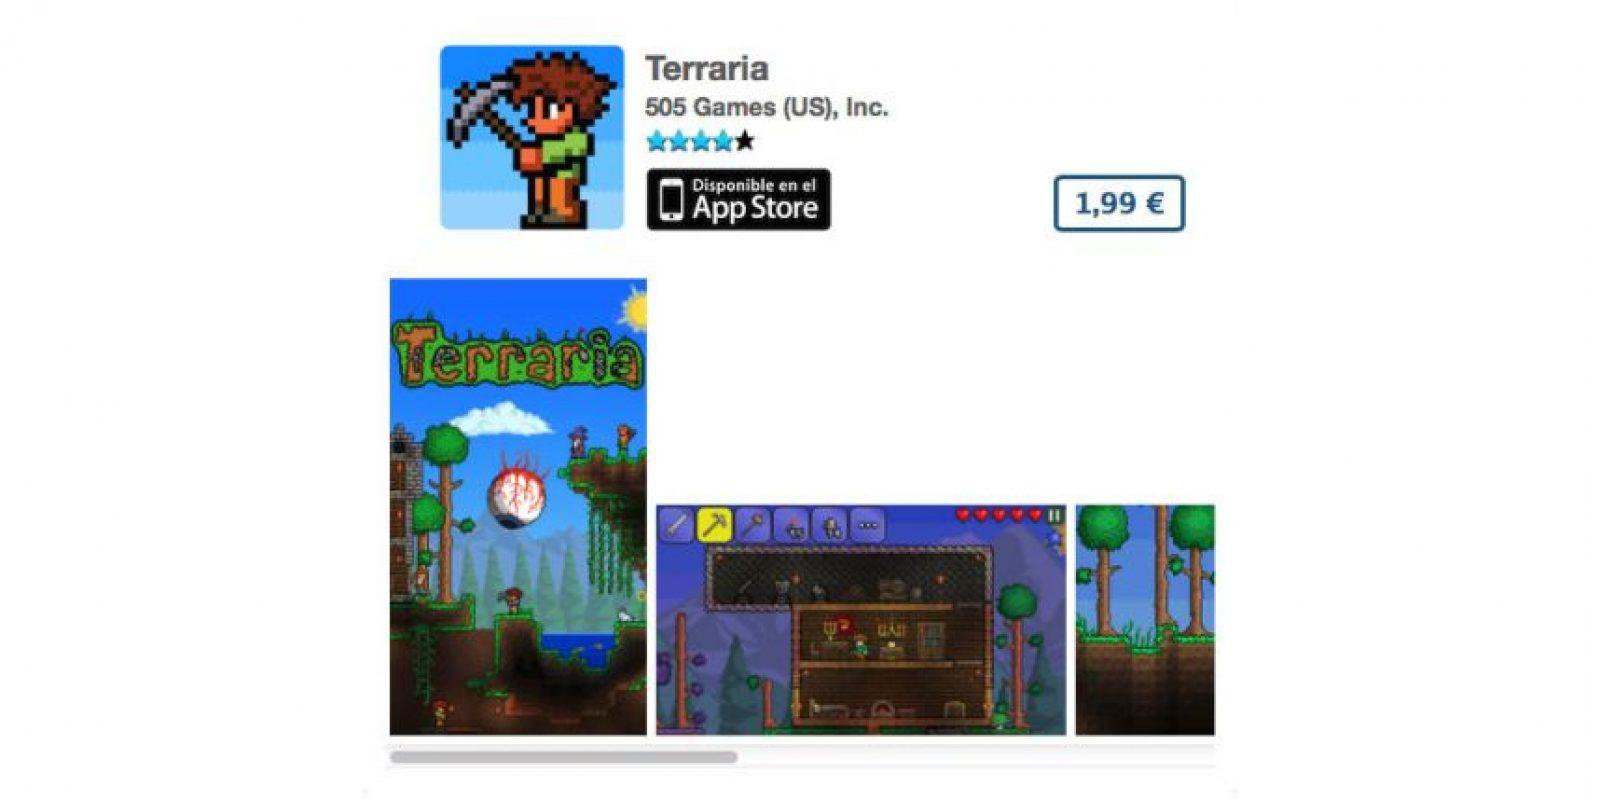 """Terraria es el típico juego de """"Atari"""" para celular. Precio tres dólares Foto:De 505 Games (US), Inc."""